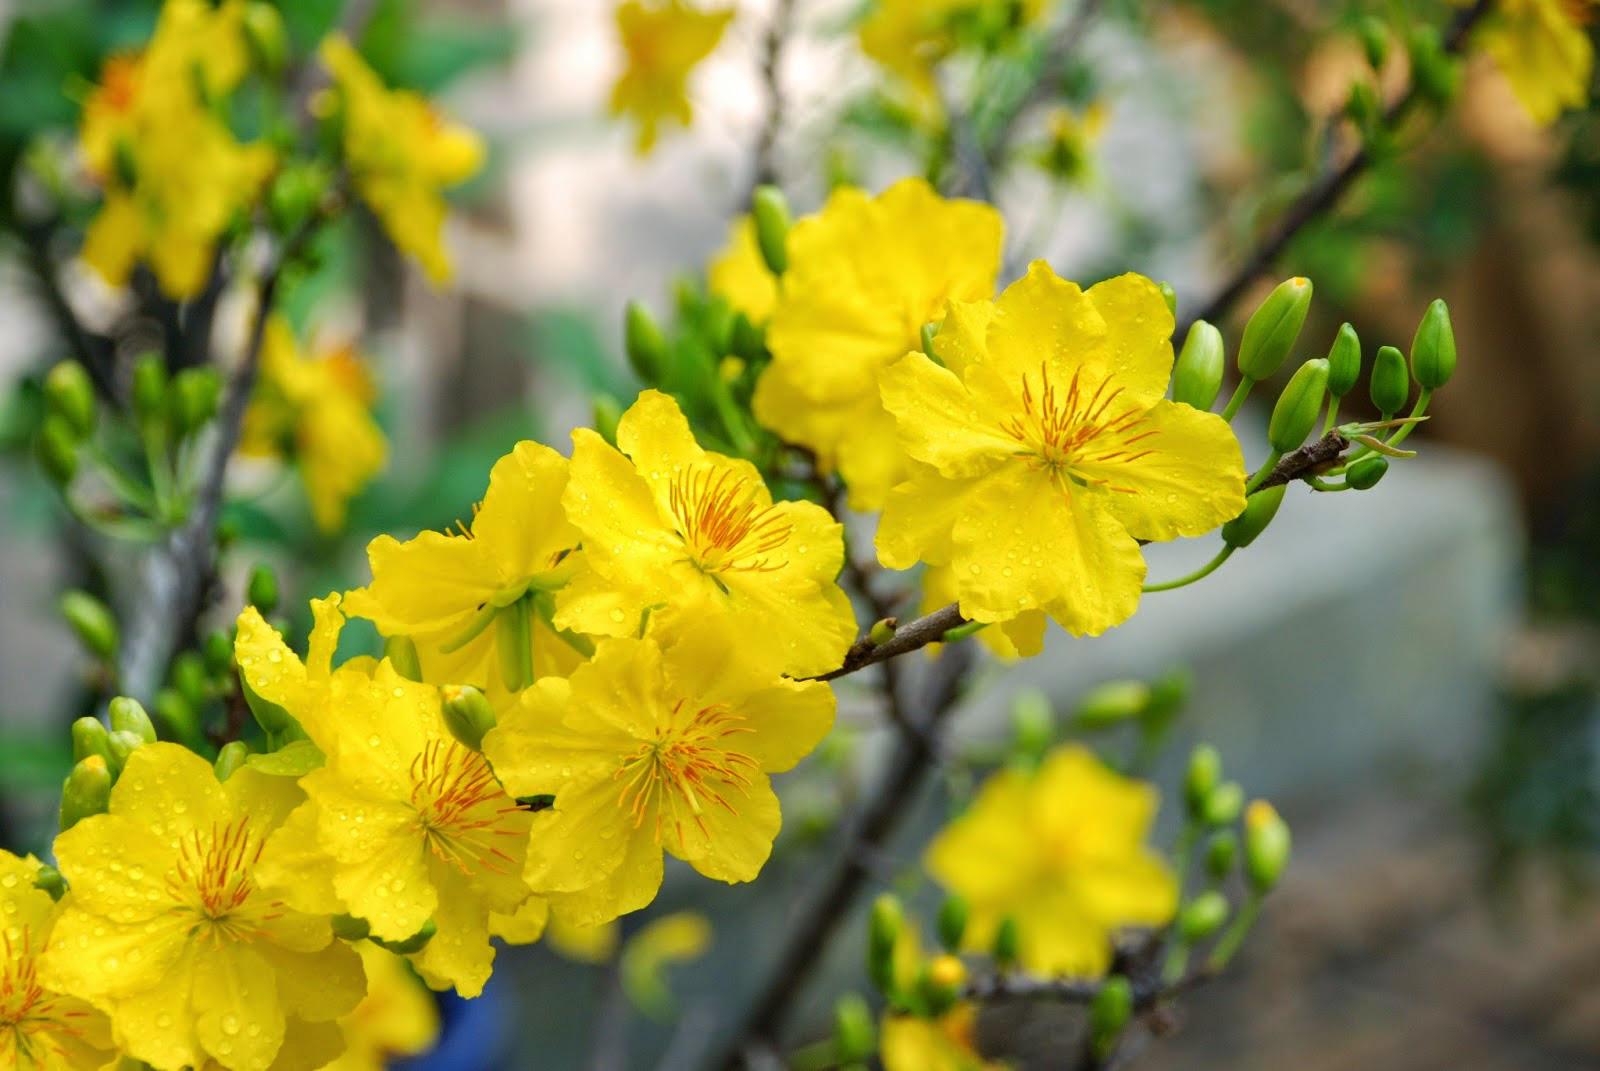 Những cây hoa hợp phong thủy không thể thiếu trong nhà ngày Tết - Ảnh 4.